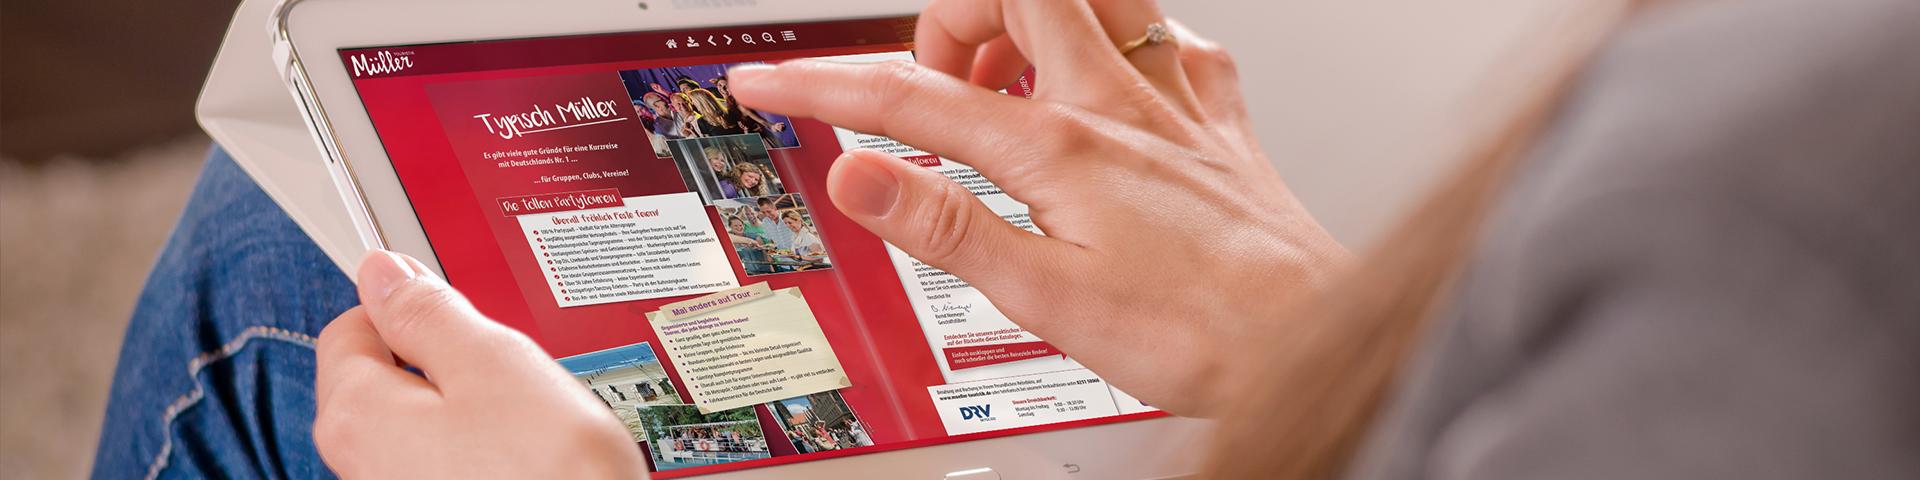 Frau surft mit Tablet auf Müller-Website